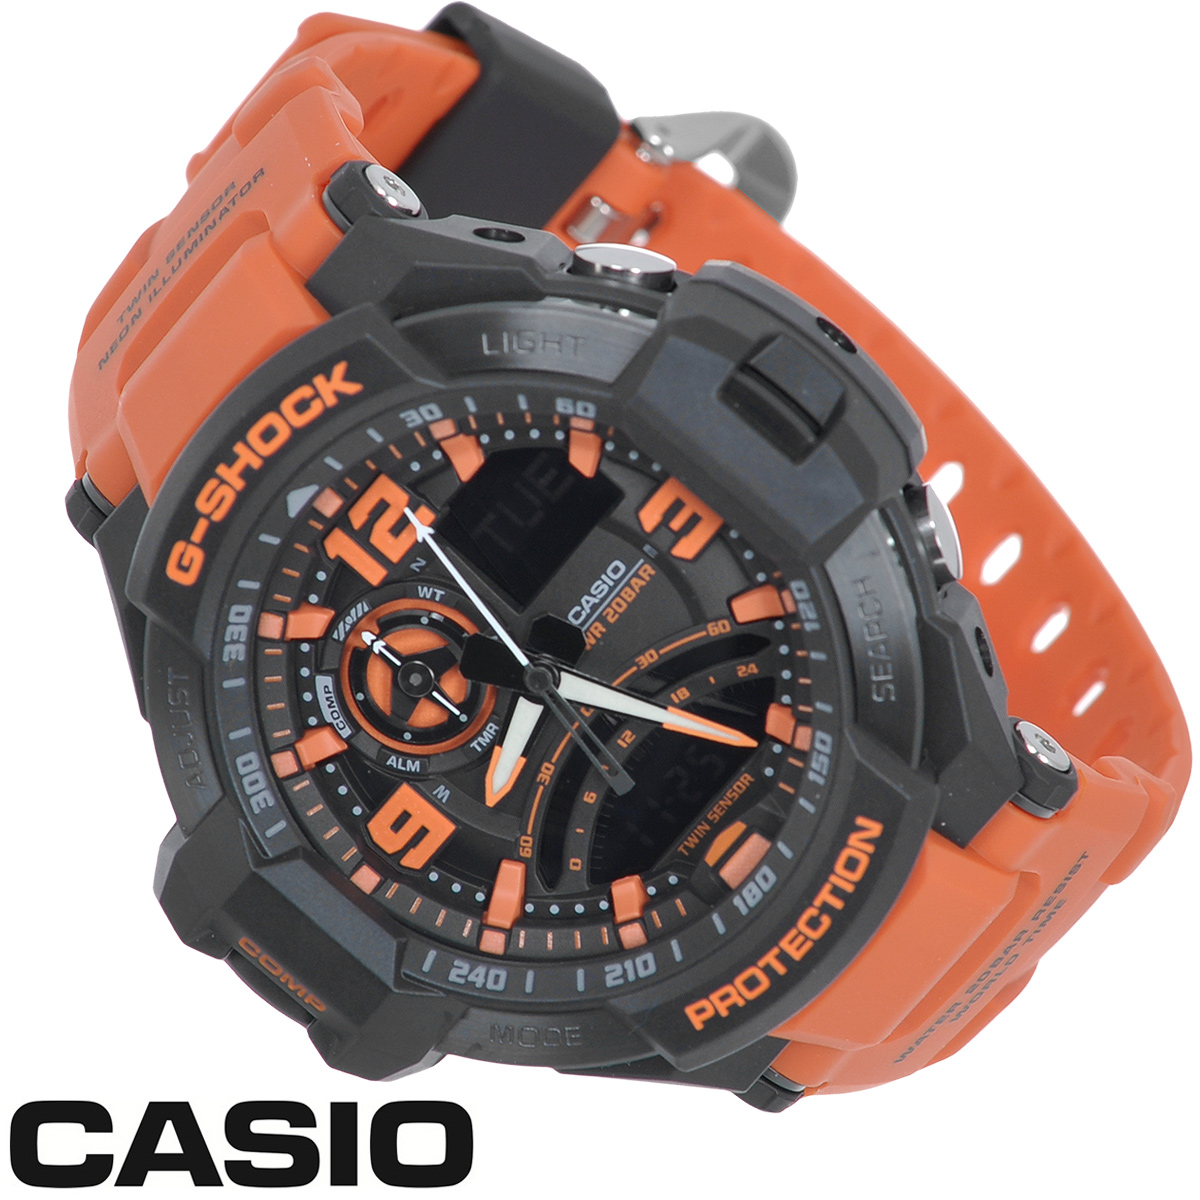 Часы мужские наручные Casio G-Shock, цвет: черный, оранжевый. GA-1000-4AM0212 10 N1WСтильные часы G-Shock от японского брэнда Casio - это яркий функциональный аксессуар для современных людей, которые стремятся выделиться из толпы и подчеркнуть свою индивидуальность. Часы выполнены в спортивном стиле. Корпус имеет ударопрочную конструкцию, защищающую механизм от ударов и вибрации. Циферблат со стальным безелем подсвечивается светодиодной автоподсветкой с флюорисцентным напылением на стрелках и дисплее. При повороте часов в сторону лица подсветка дисплея осуществляется автоматически. Светонакопительное покрытие Neobrite продолжает светиться в темноте даже после непродолжительного пребывания на свету. Ремешок из мягкого пластика имеет классическую застежку.Основные функции: -5 будильников, один с функцией повтора сигнала (чтобы отложить пробуждение), ежечасный сигнал; -автоматический календарь (число, месяц, день недели, год); -встроенный цифровой компас; -термометр от -10° до +60°С с точностью 0,1°C; -секундомер с точностью показаний 1/1000 с, время измерения 24 часа; -12-ти и 24-х часовой формат времени; -таймер обратного отсчета от 1 мин до 1 ч; -мировое время; -функция включения/отключения звука.Часы упакованы в фирменную коробку с логотипом Casio. Такой аксессуар добавит вашему образу стиля и подчеркнет безупречный вкус своего владельца.Характеристики: Диаметр циферблата: 3,4 см.Размер корпуса: 5,1 см х 5,2 см х 1,6 см.Длина ремешка (с корпусом): 24,5 см.Ширина ремешка: 2 см. STAINLESS STELL BACK JAPAN MOVT Y CASED IN THAILAND.